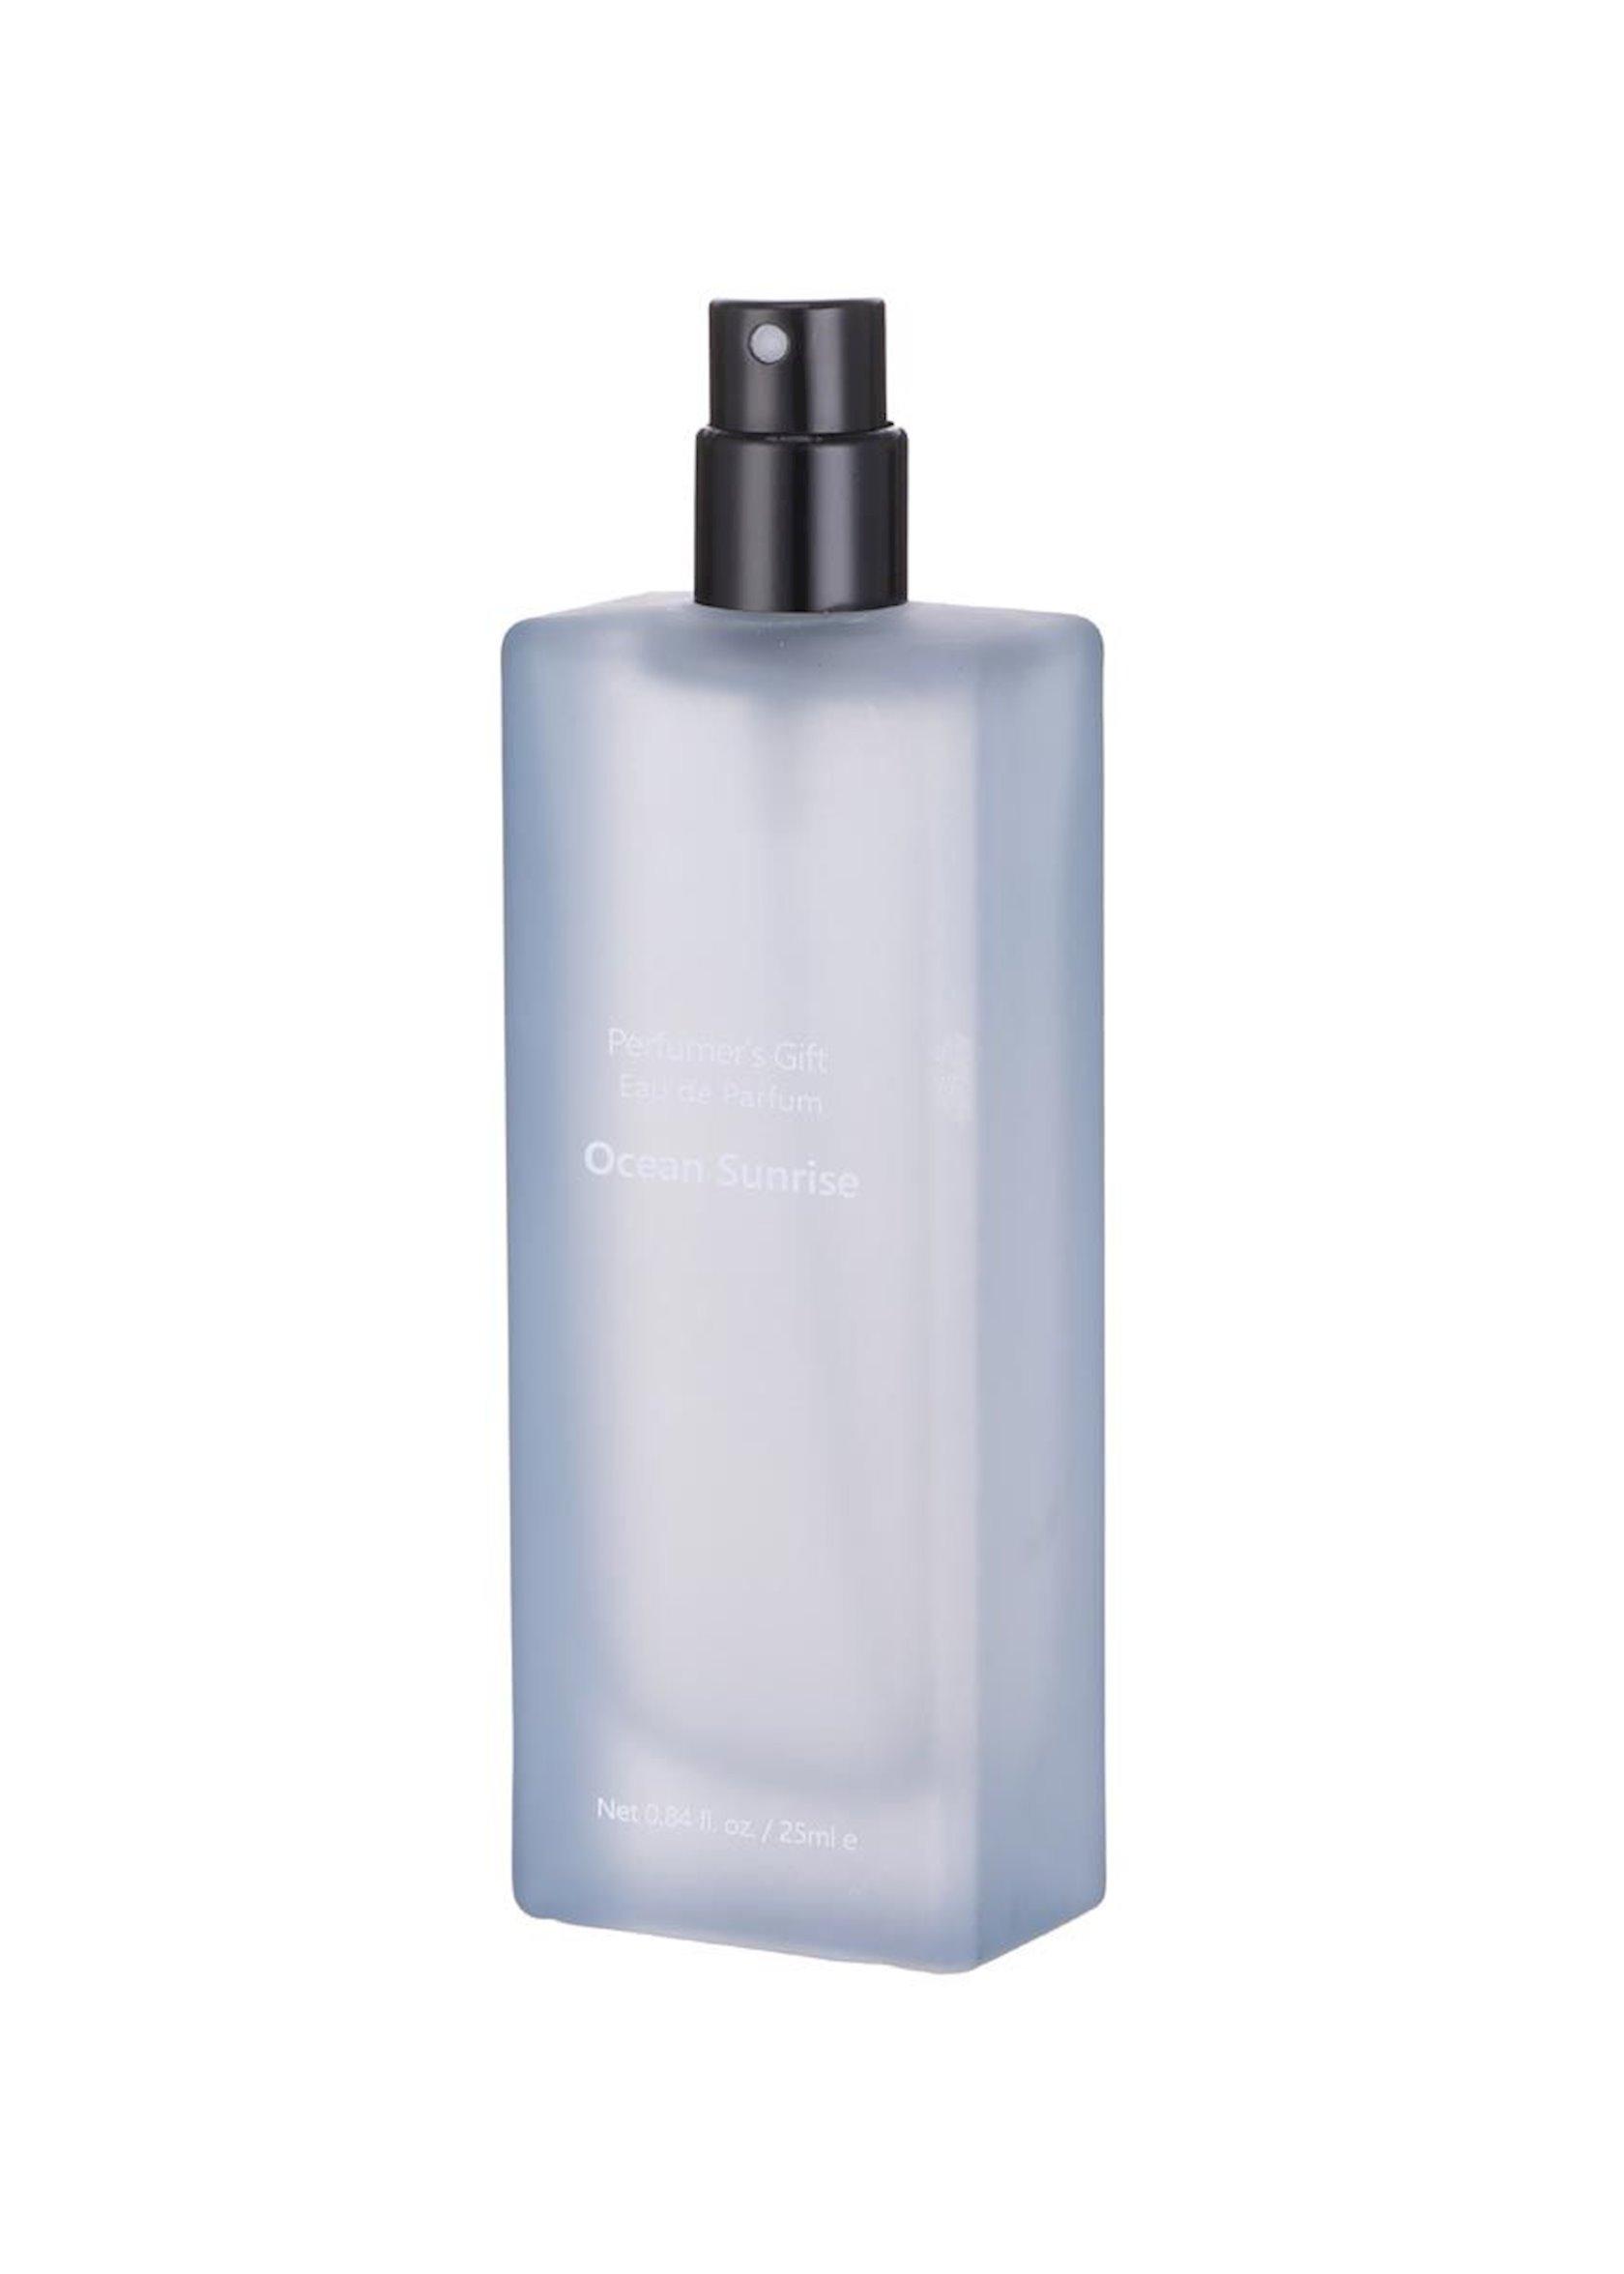 Ətir suyu Miniso Perfumer's Gift Eau de Parfum Ocean Sunrise 25 ml